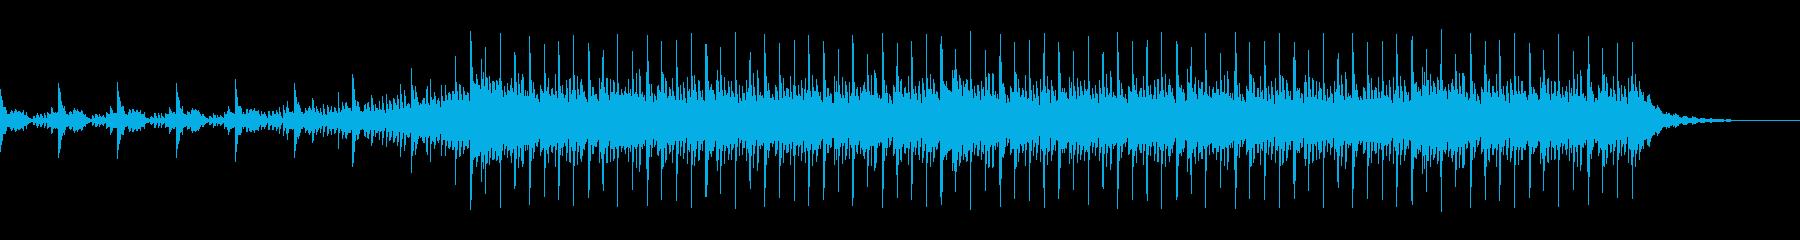 コーポレートテクスチャ―8の再生済みの波形